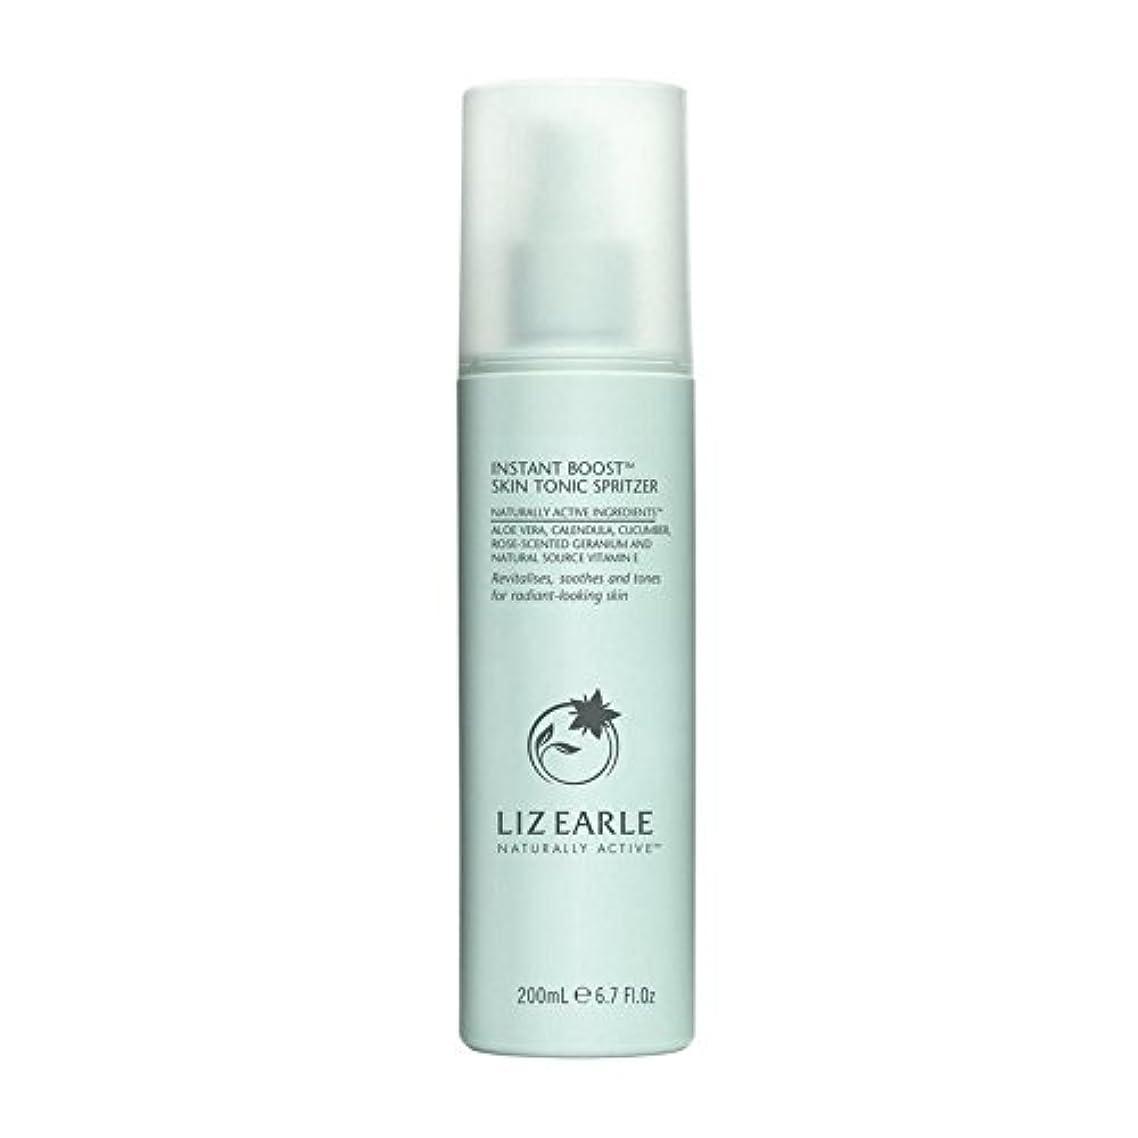 デクリメントアジア無駄なリズアールインスタントブーストスキントニックスプリッツァーの200ミリリットル x4 - Liz Earle Instant Boost Skin Tonic Spritzer 200ml (Pack of 4) [並行輸入品]